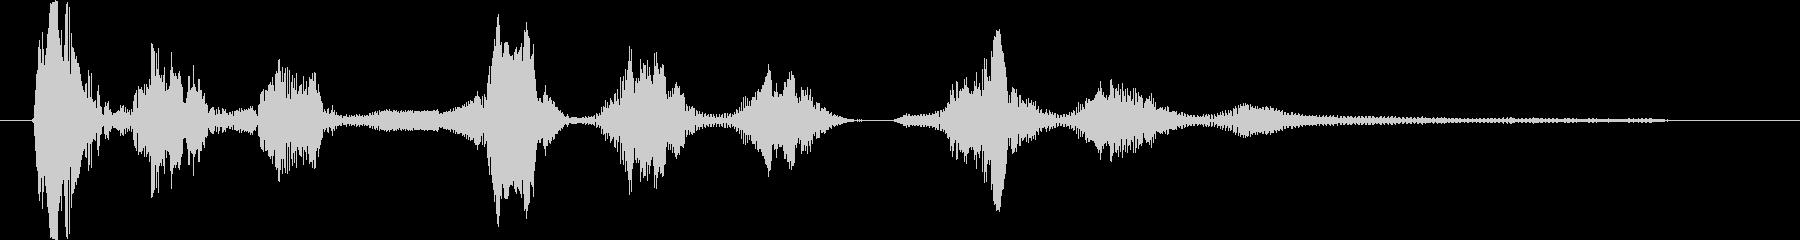 ジャーマンシェパード:Barえるとうなるの未再生の波形